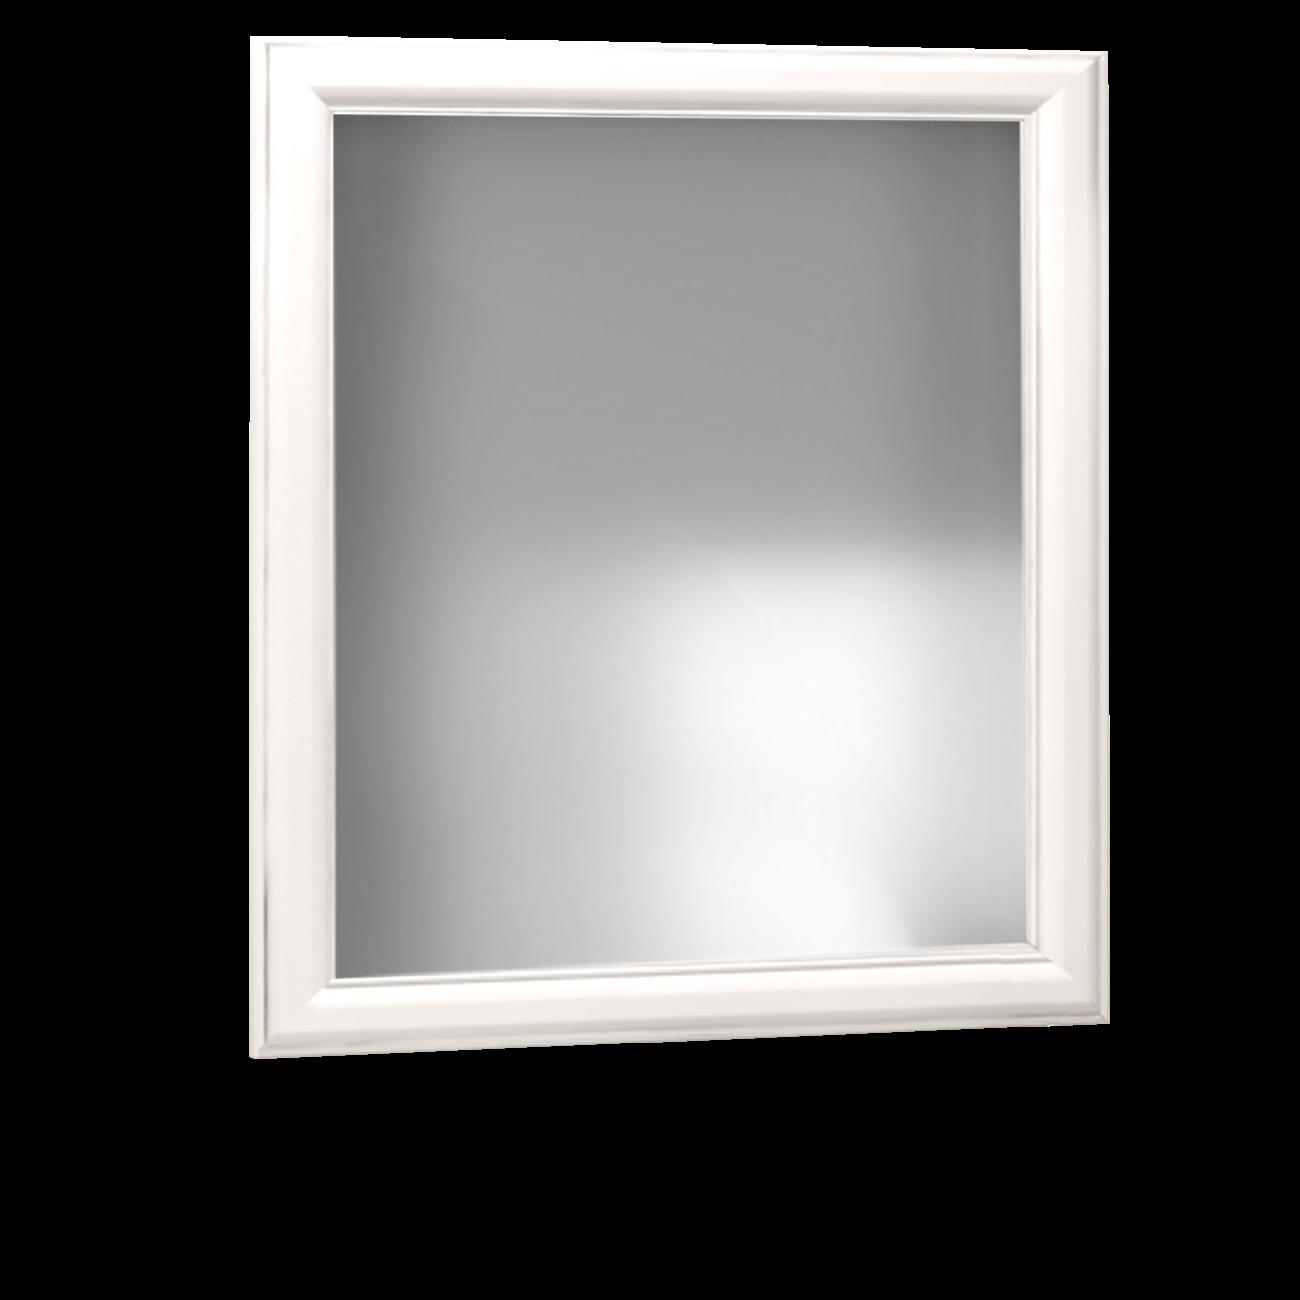 Lustro łazienkowe Sanitti Gamma GLB-70/80 białe ramki